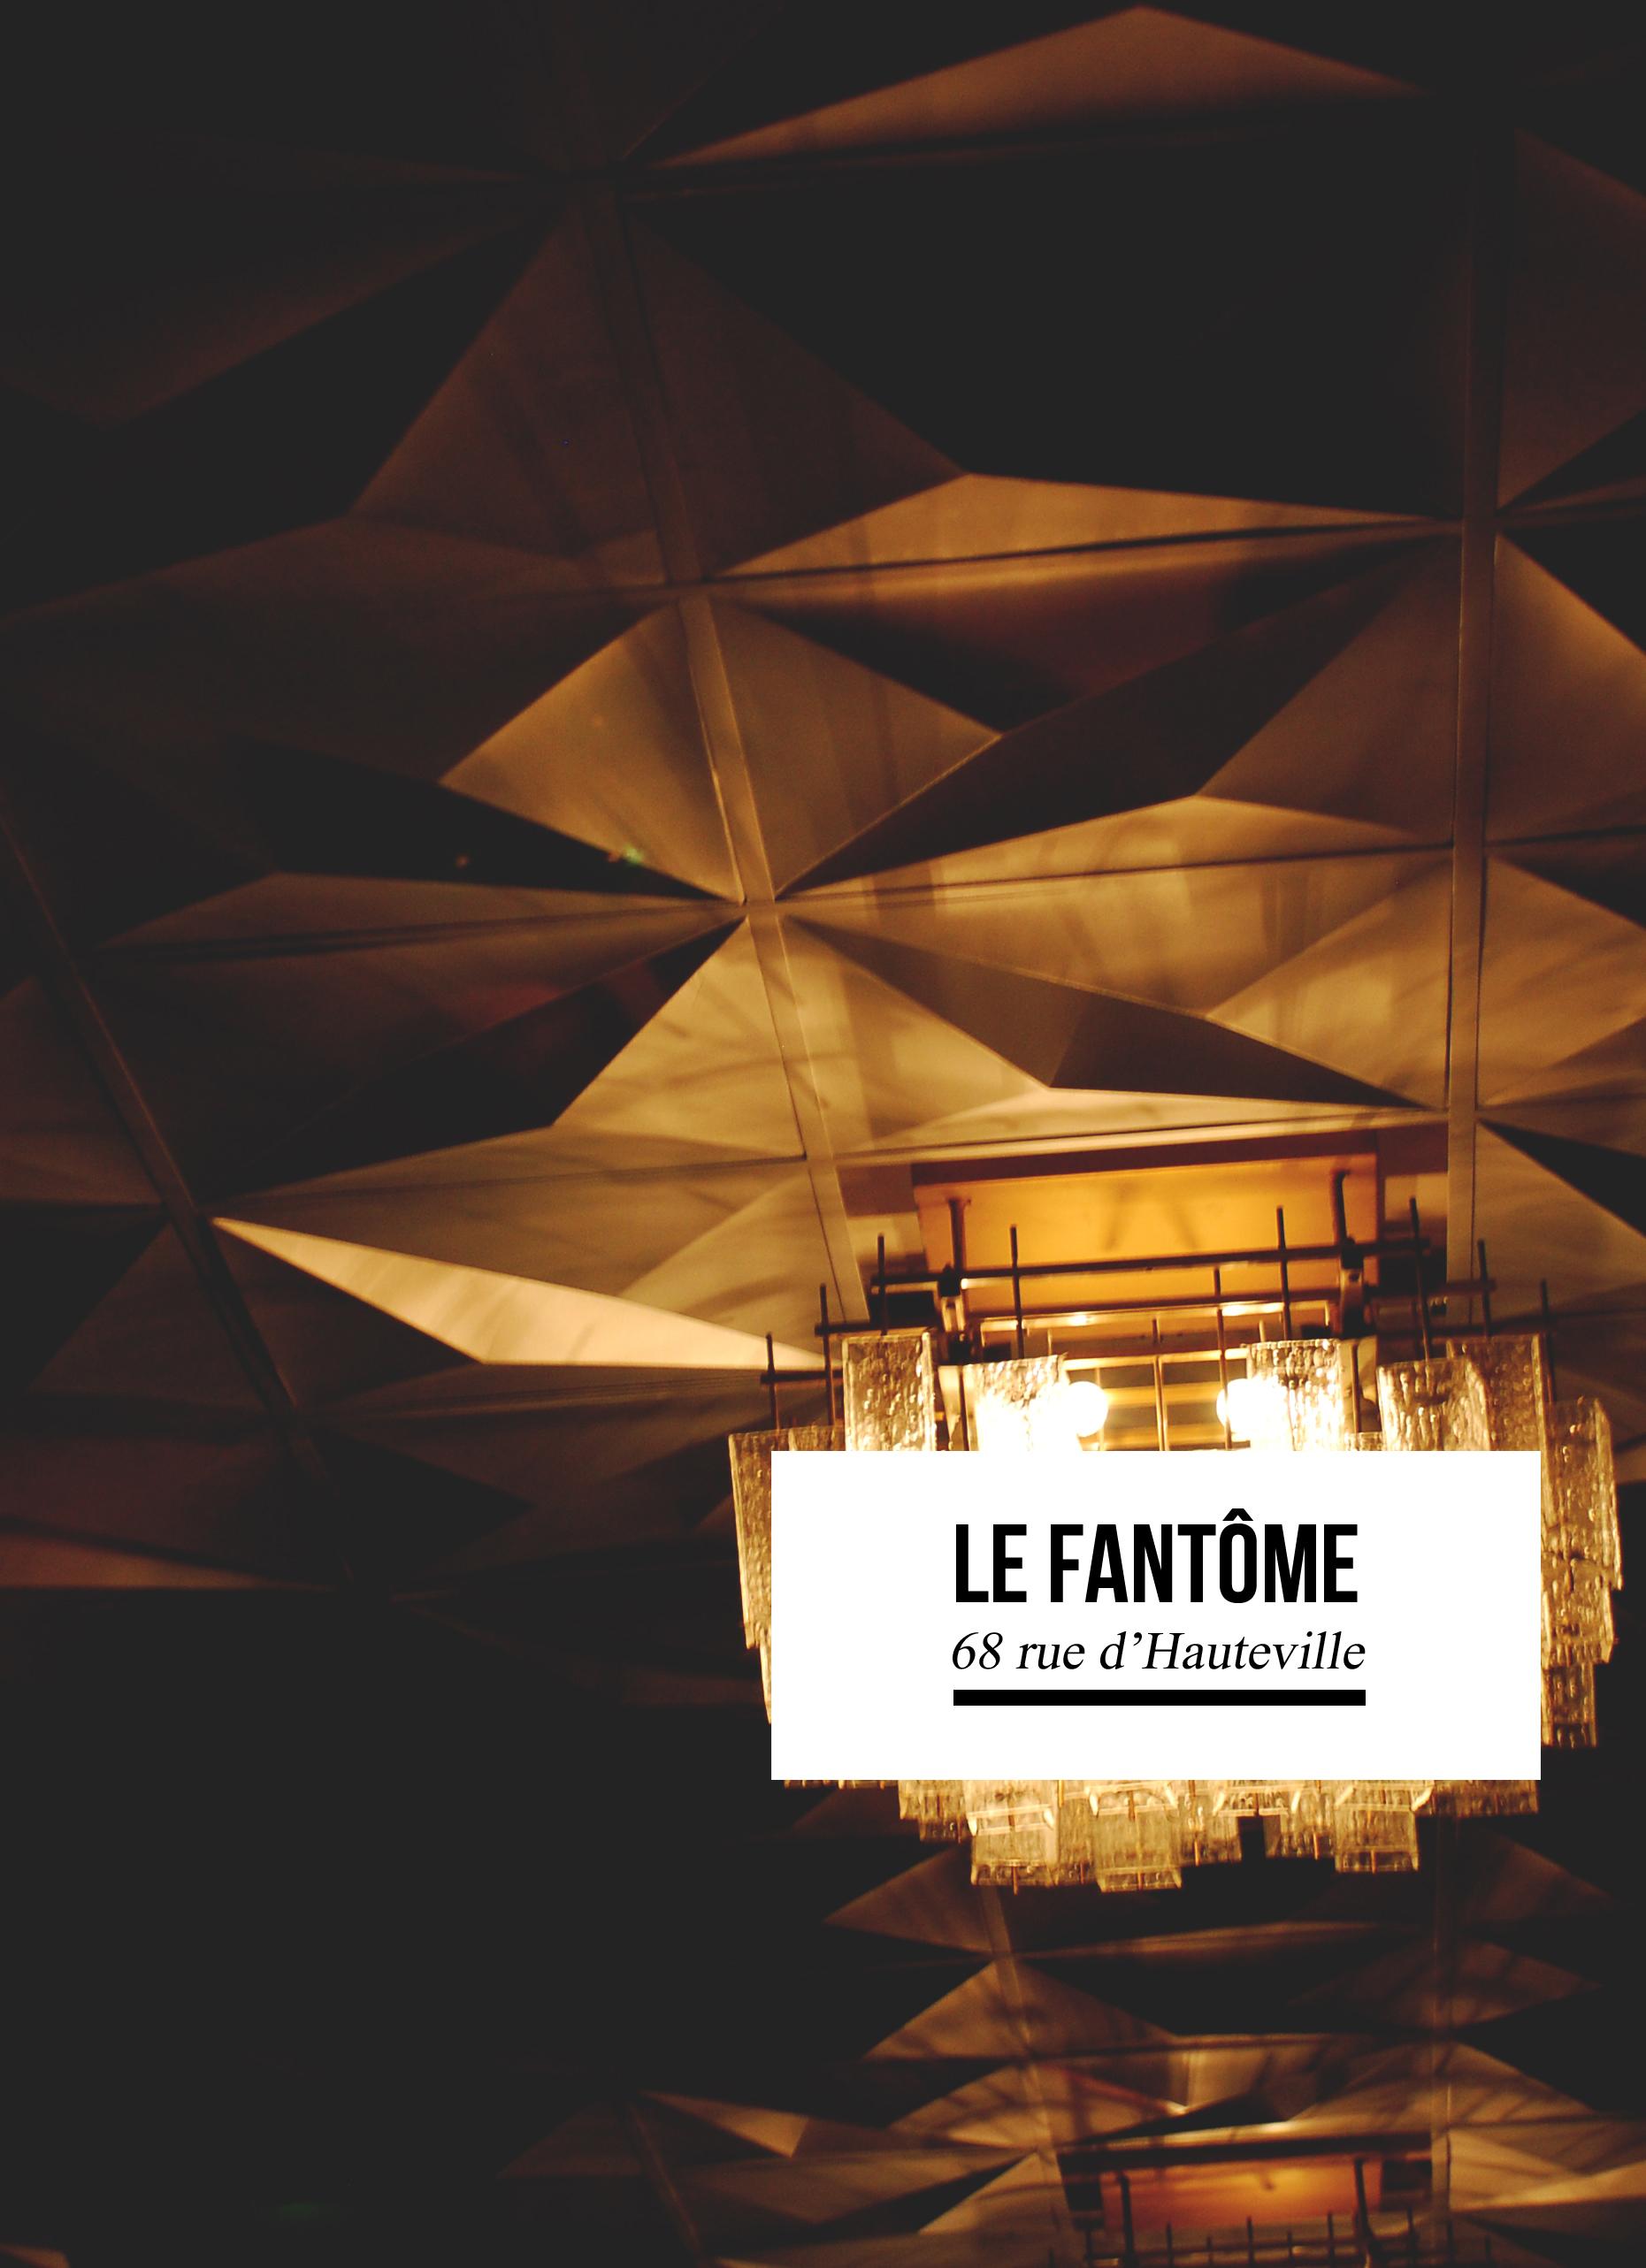 le fantome-paris-bar-pizza_boite-de-nuit-by-le-polyedre_visuel